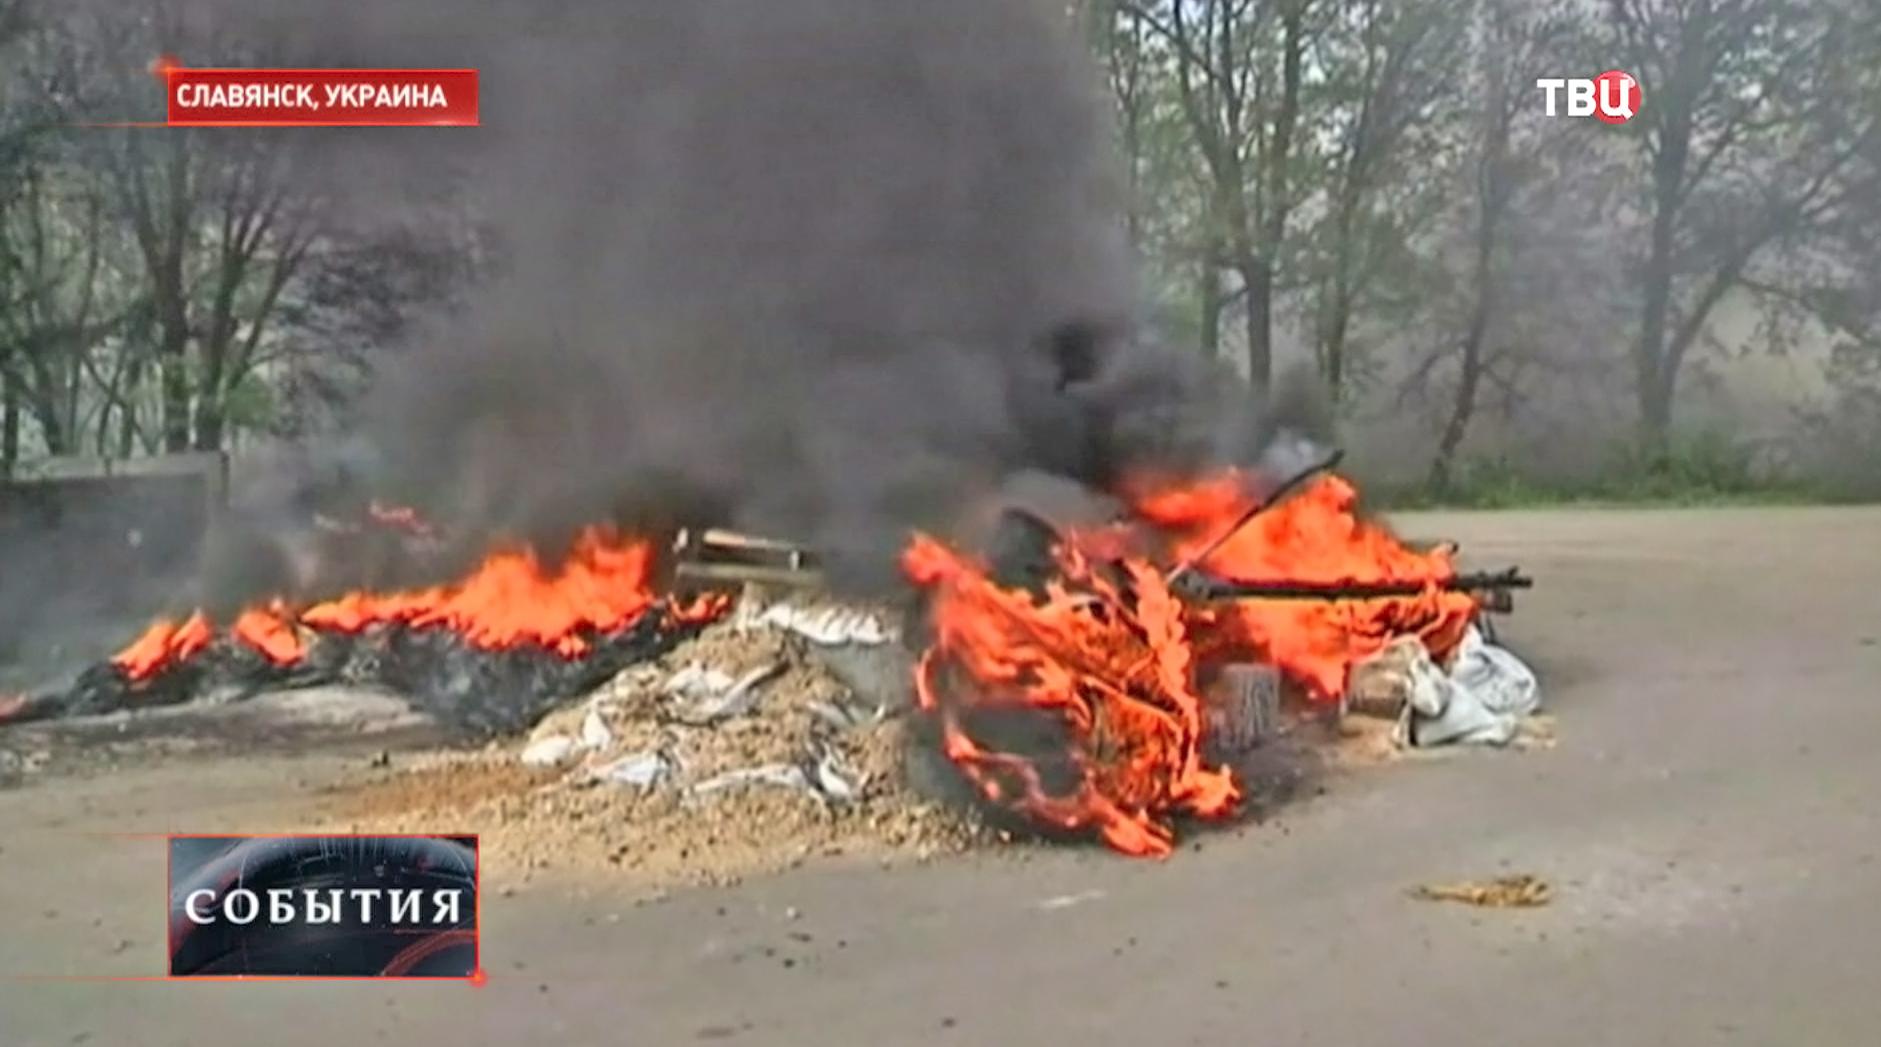 Последствия митинга в Ставянске